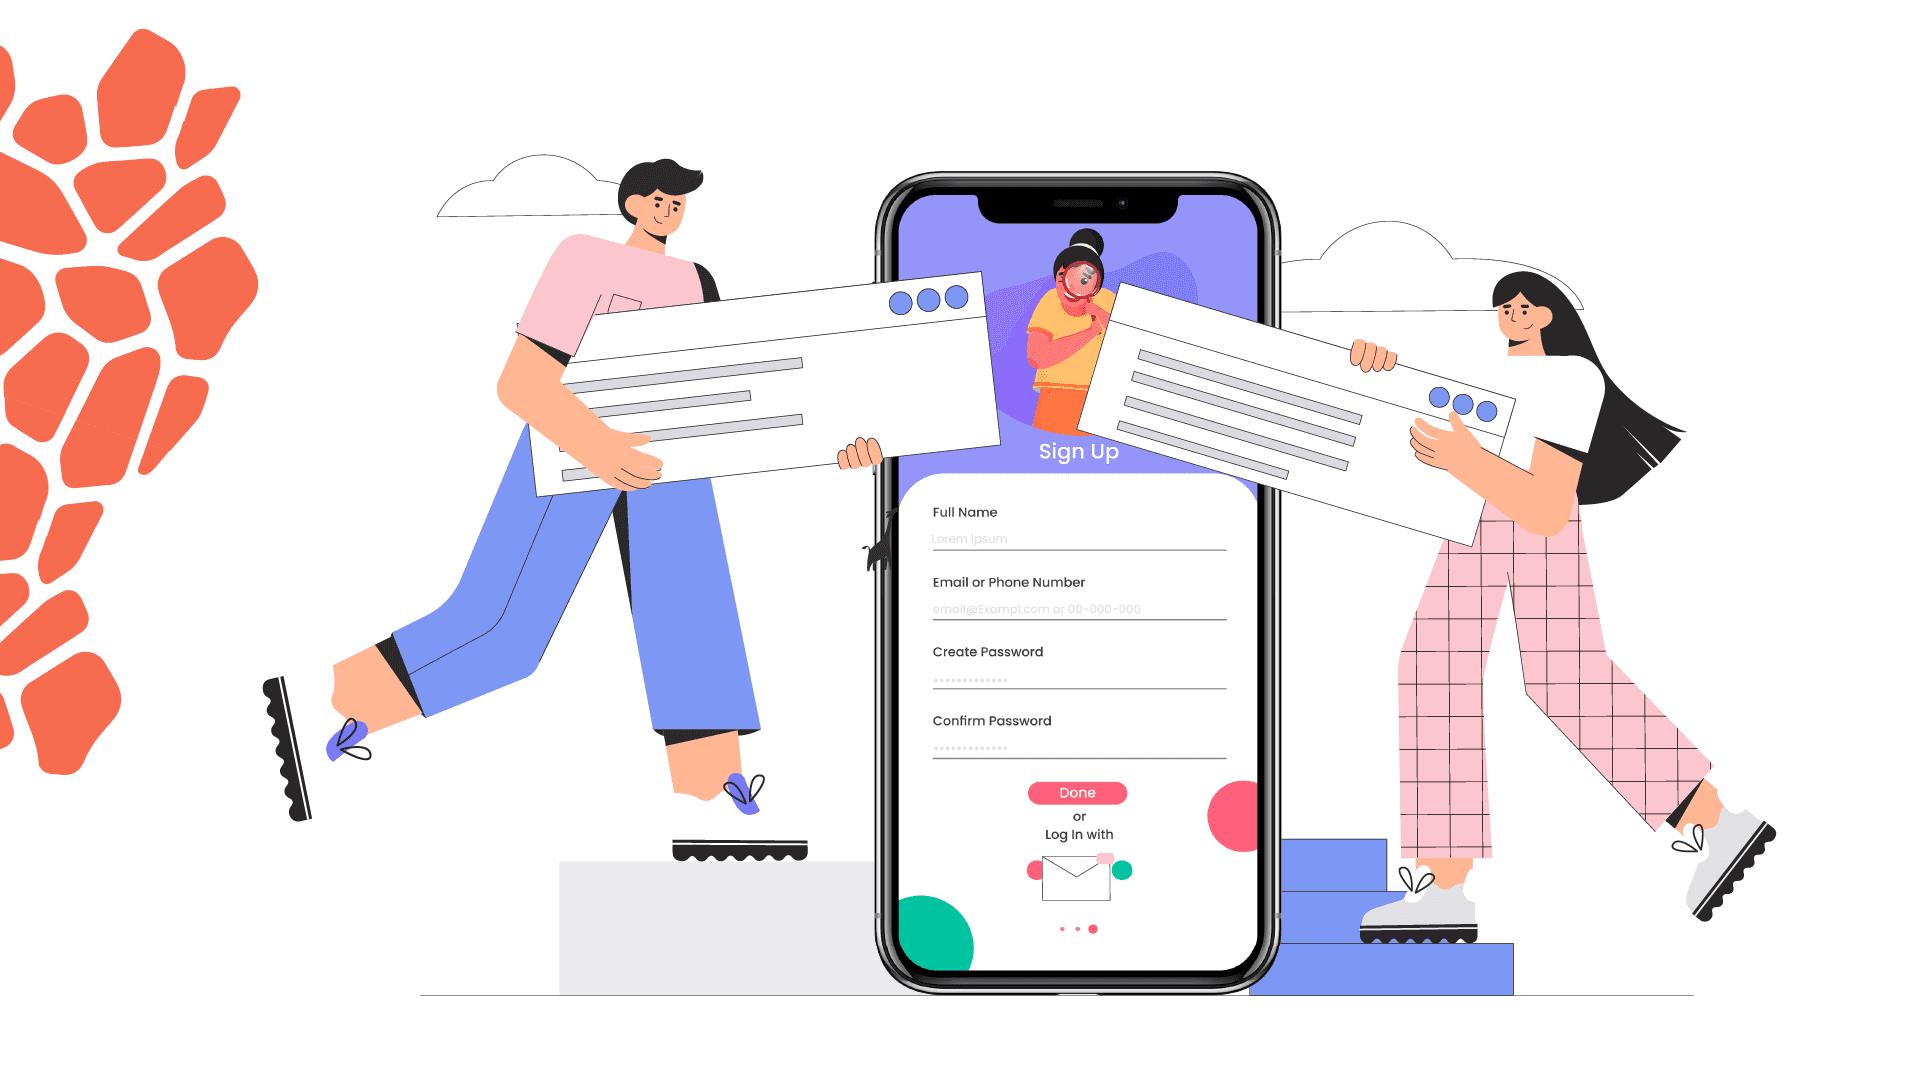 Tworzenie aplikacji mobilnych - TOP 10 wyzwań